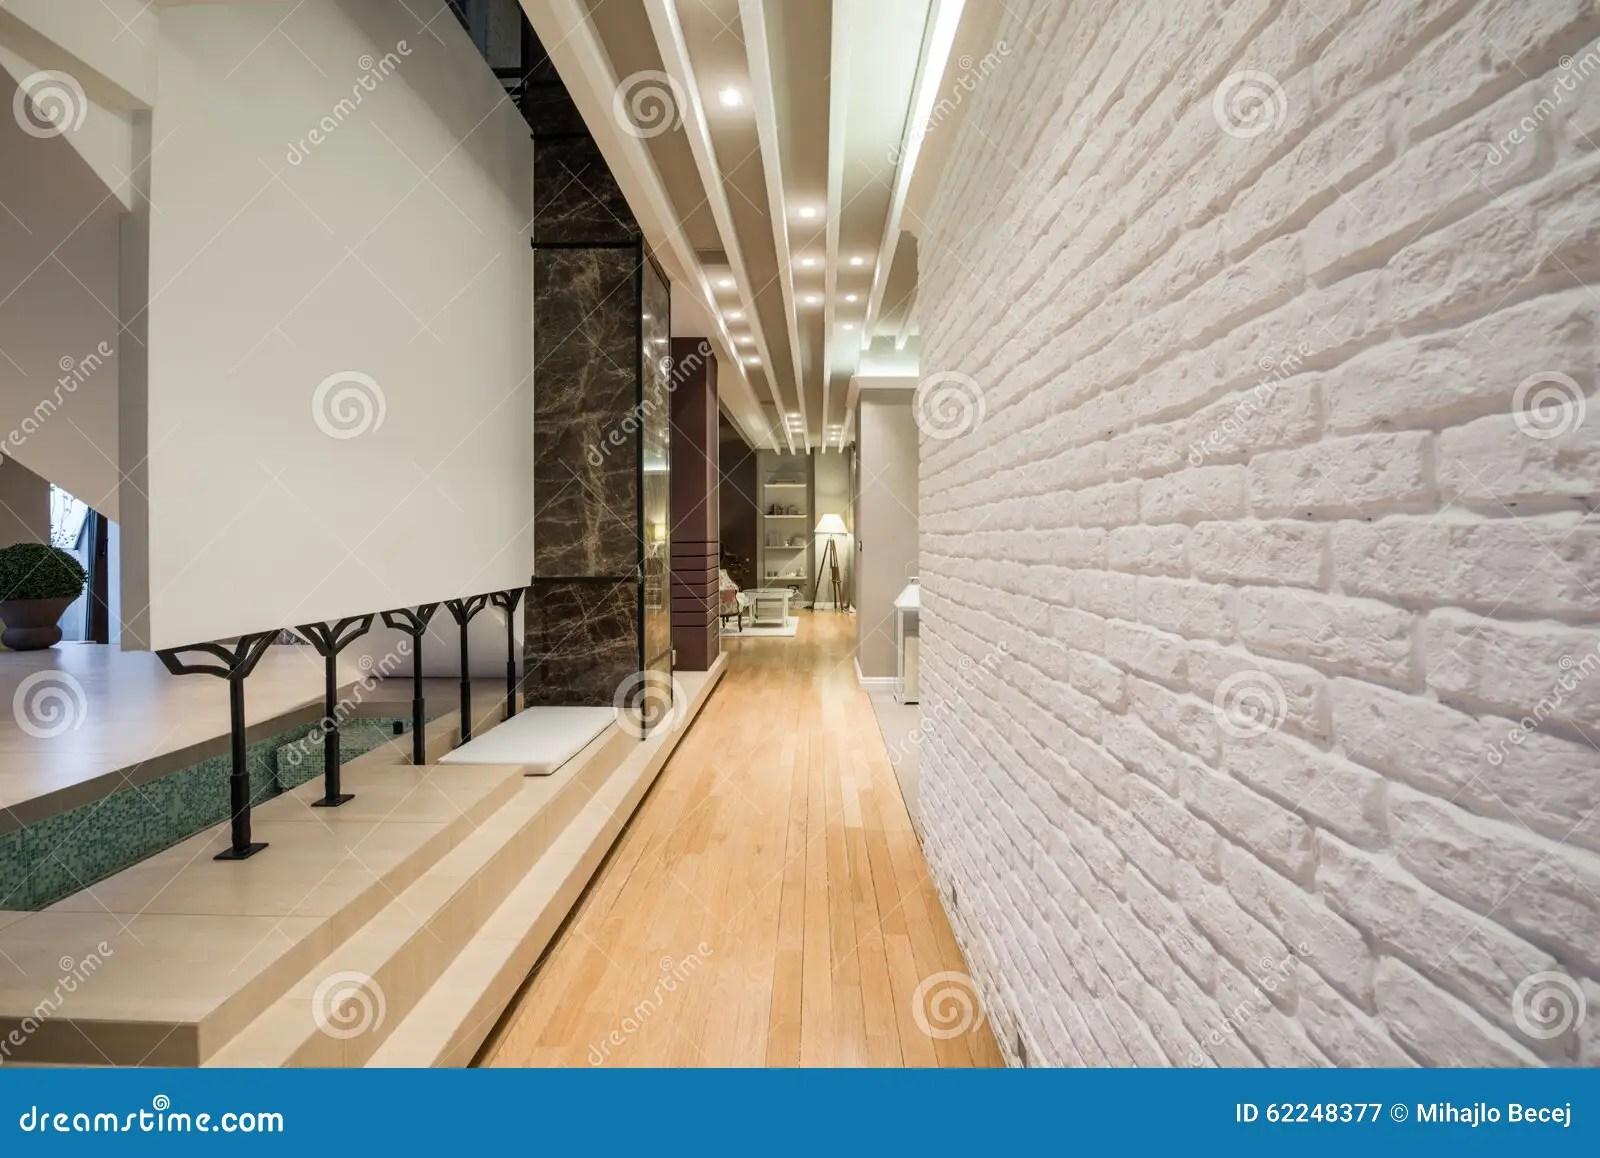 Intrieur Dun Long Couloir Avec Le Mur De Briques Blanc Photo stock  Image 62248377